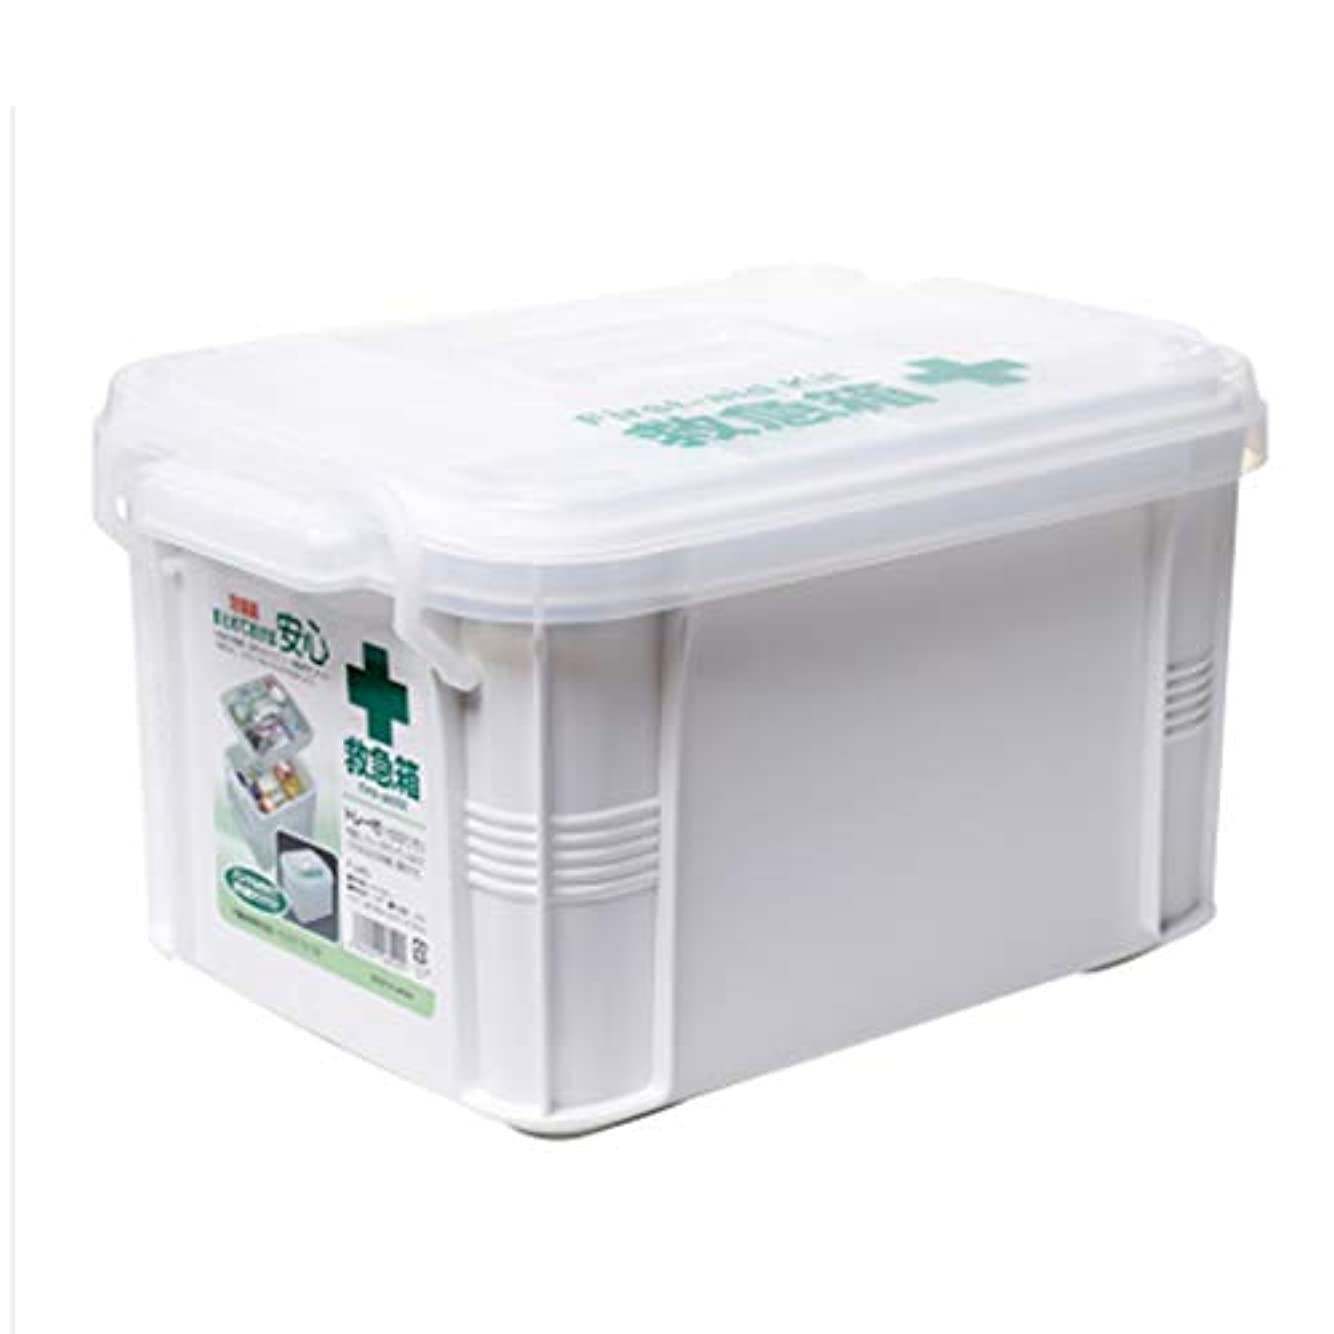 メロディーいくつかのによって緊急用バッグ 薬収納ボックス世帯薬品ボックス観光アウトドアポータブル救急箱二重層薬品箱/ 34 x 23.5 x 18.5 CM HMMSP